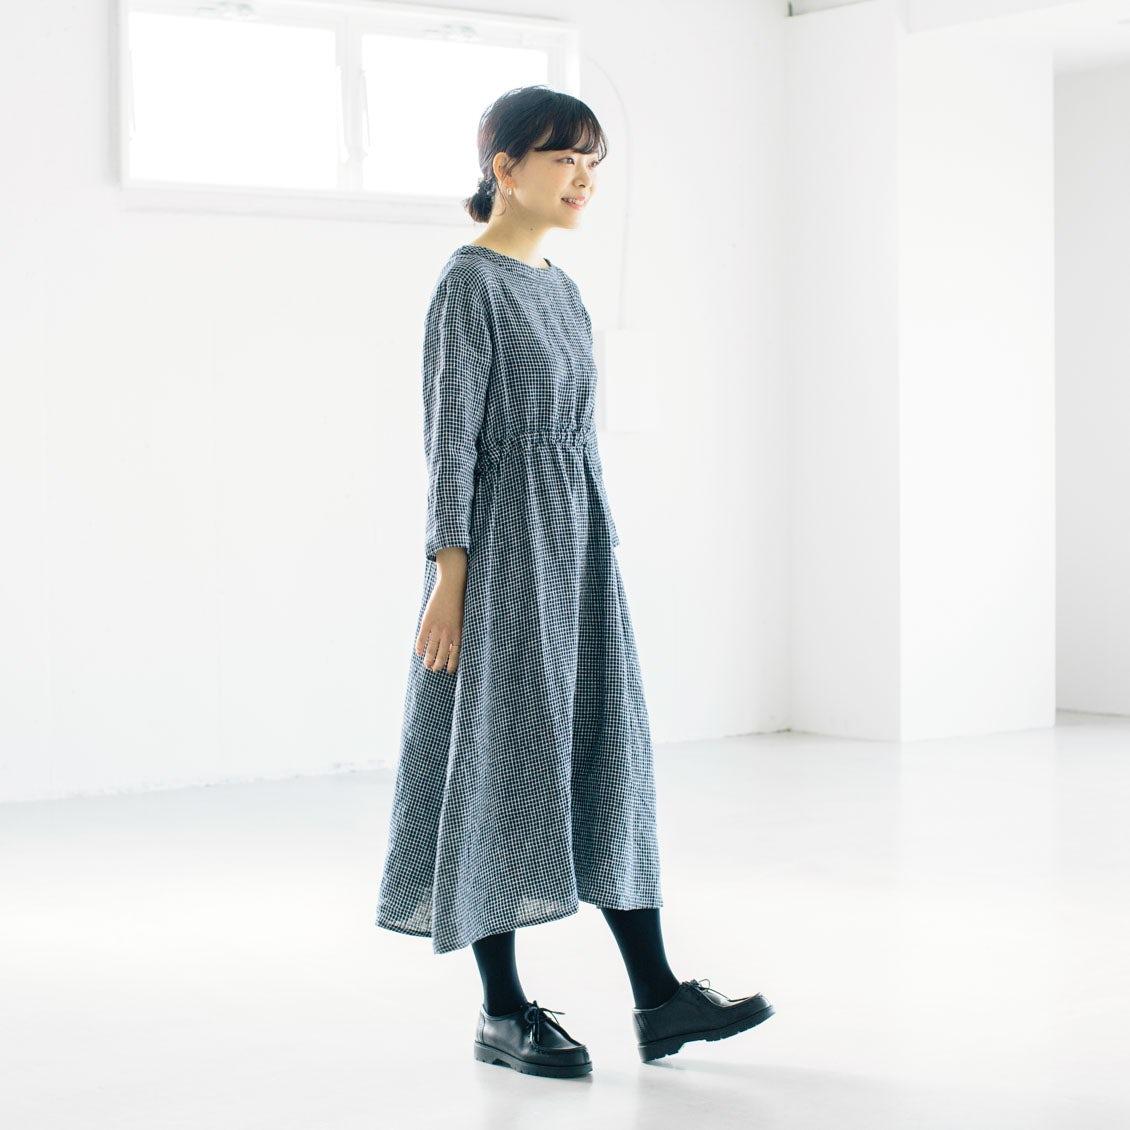 【スタッフ着用レビュー】当店別注!fog linen workのワンピースを、4名のスタッフが着てみました